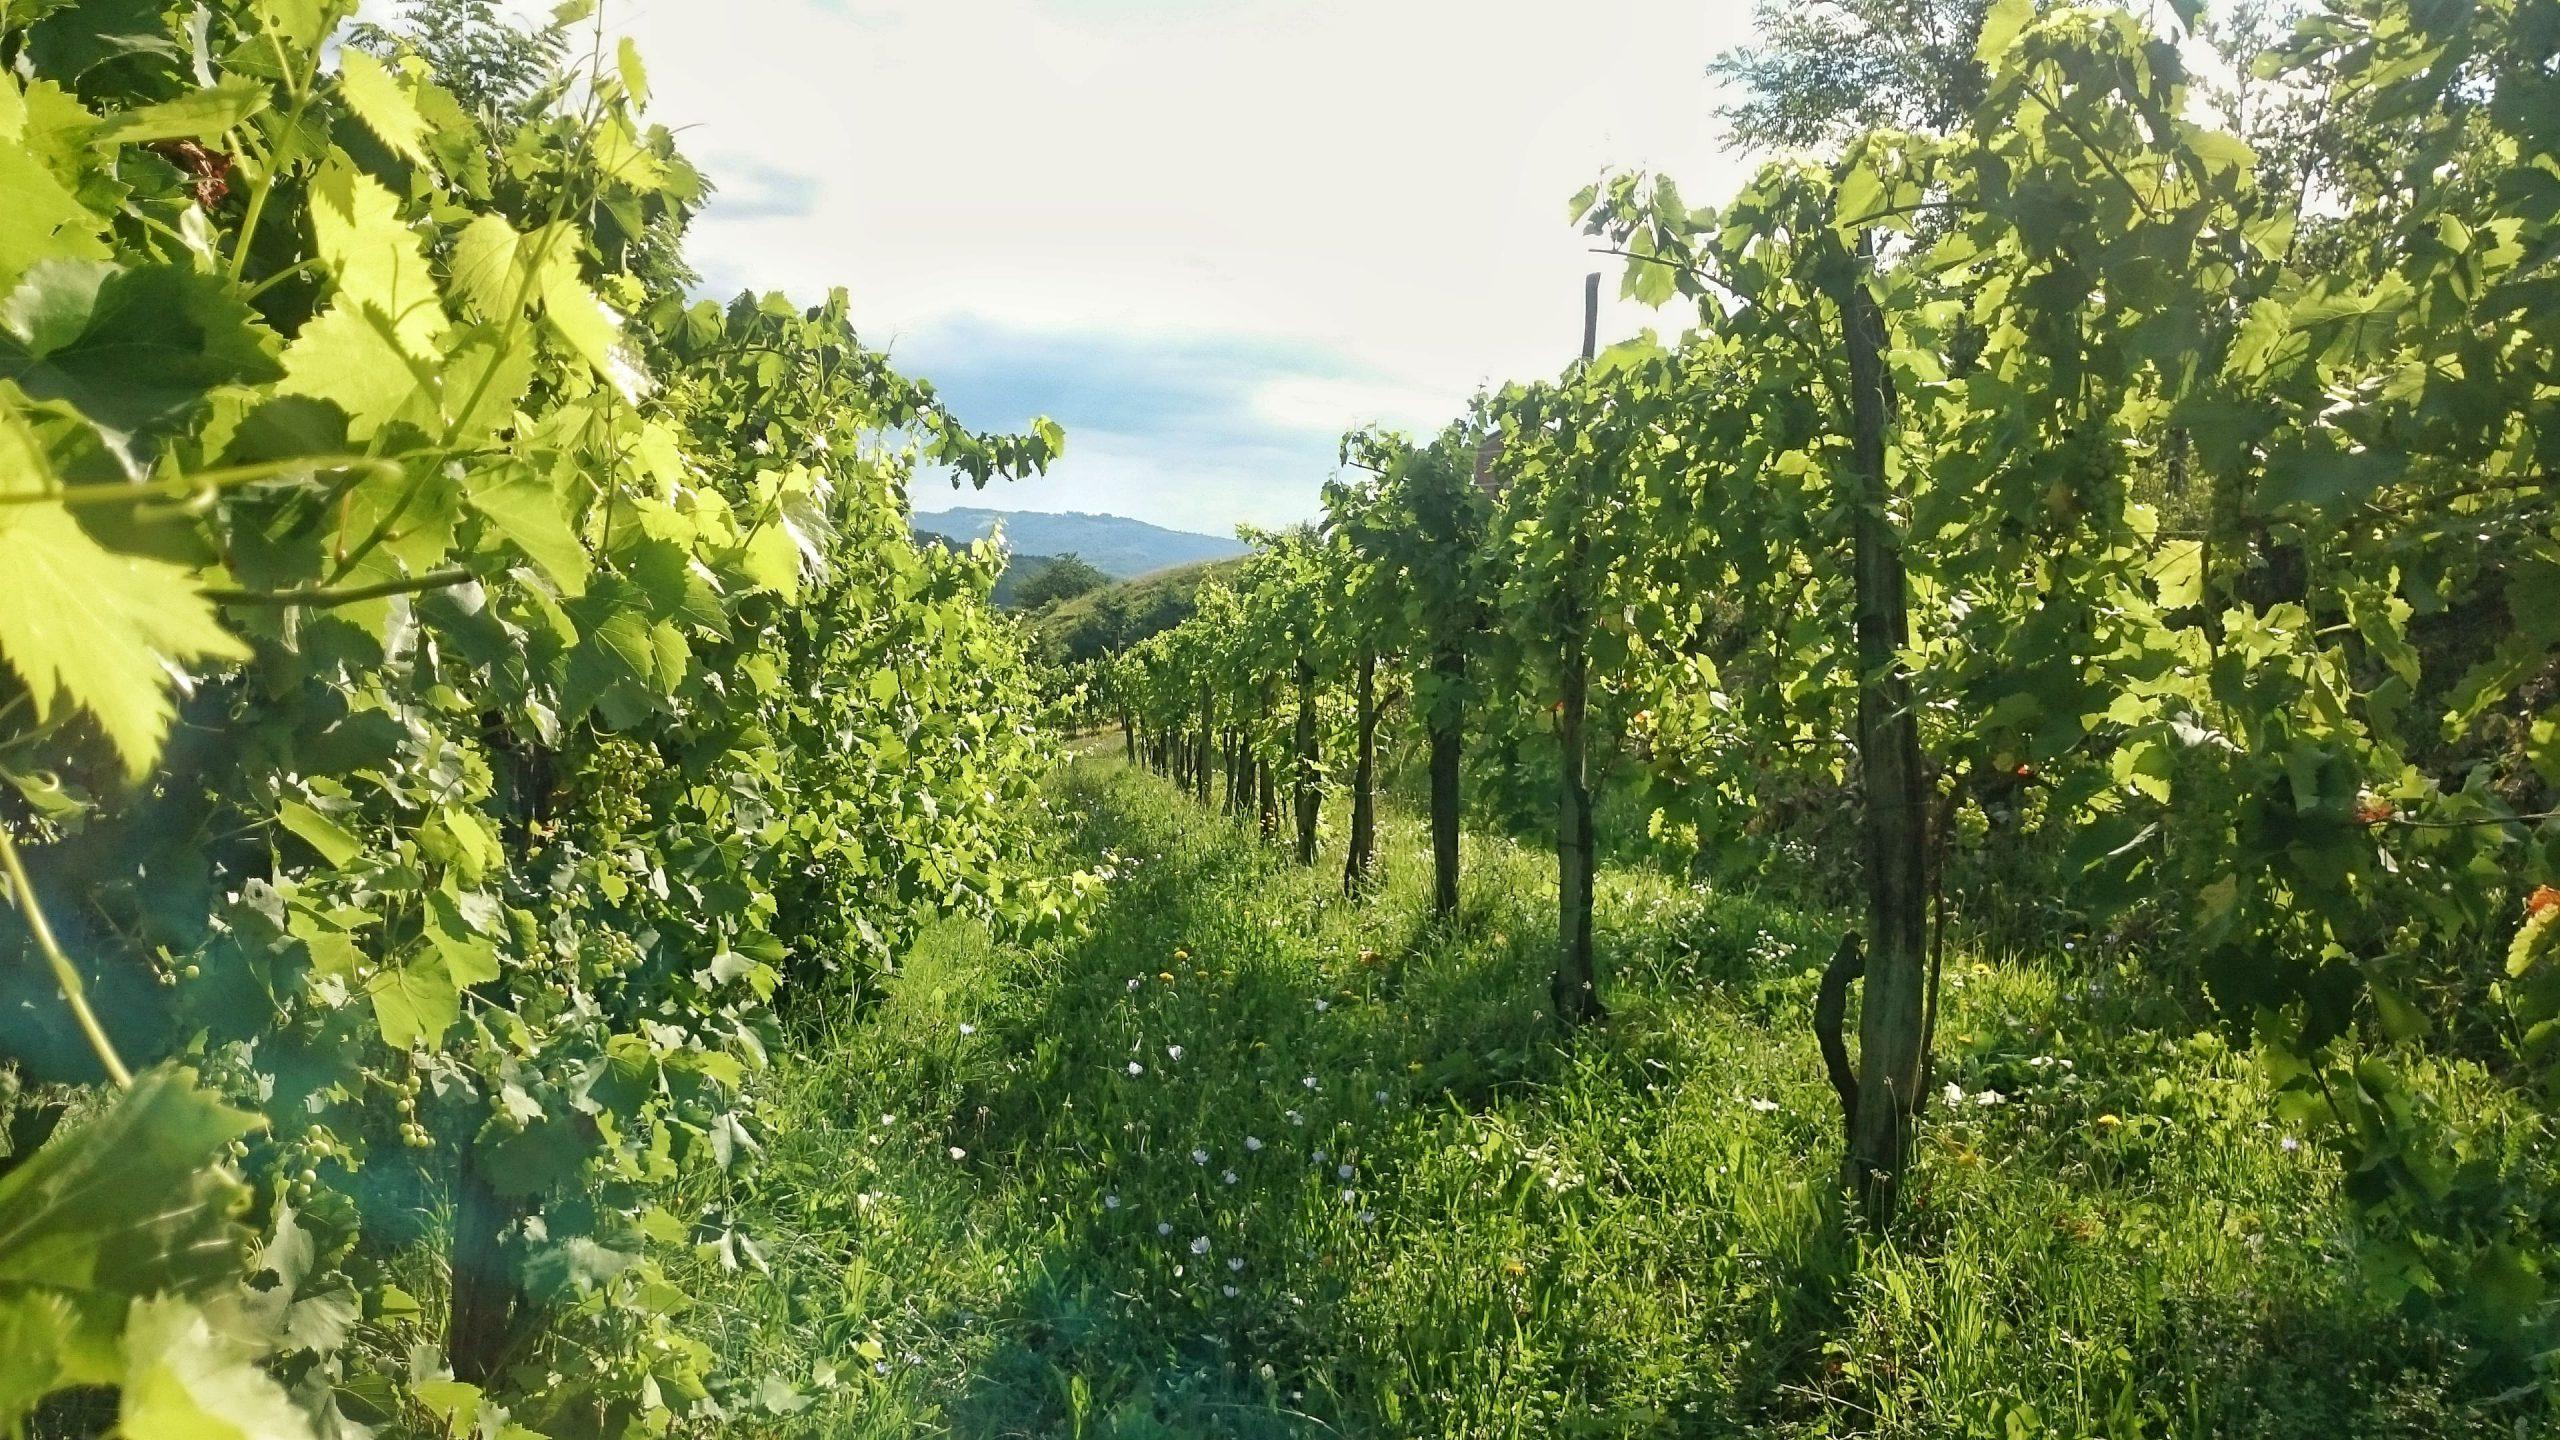 Odlok o finančnem nadomestilu zaradi izpada dohodka v proizvodnji vina